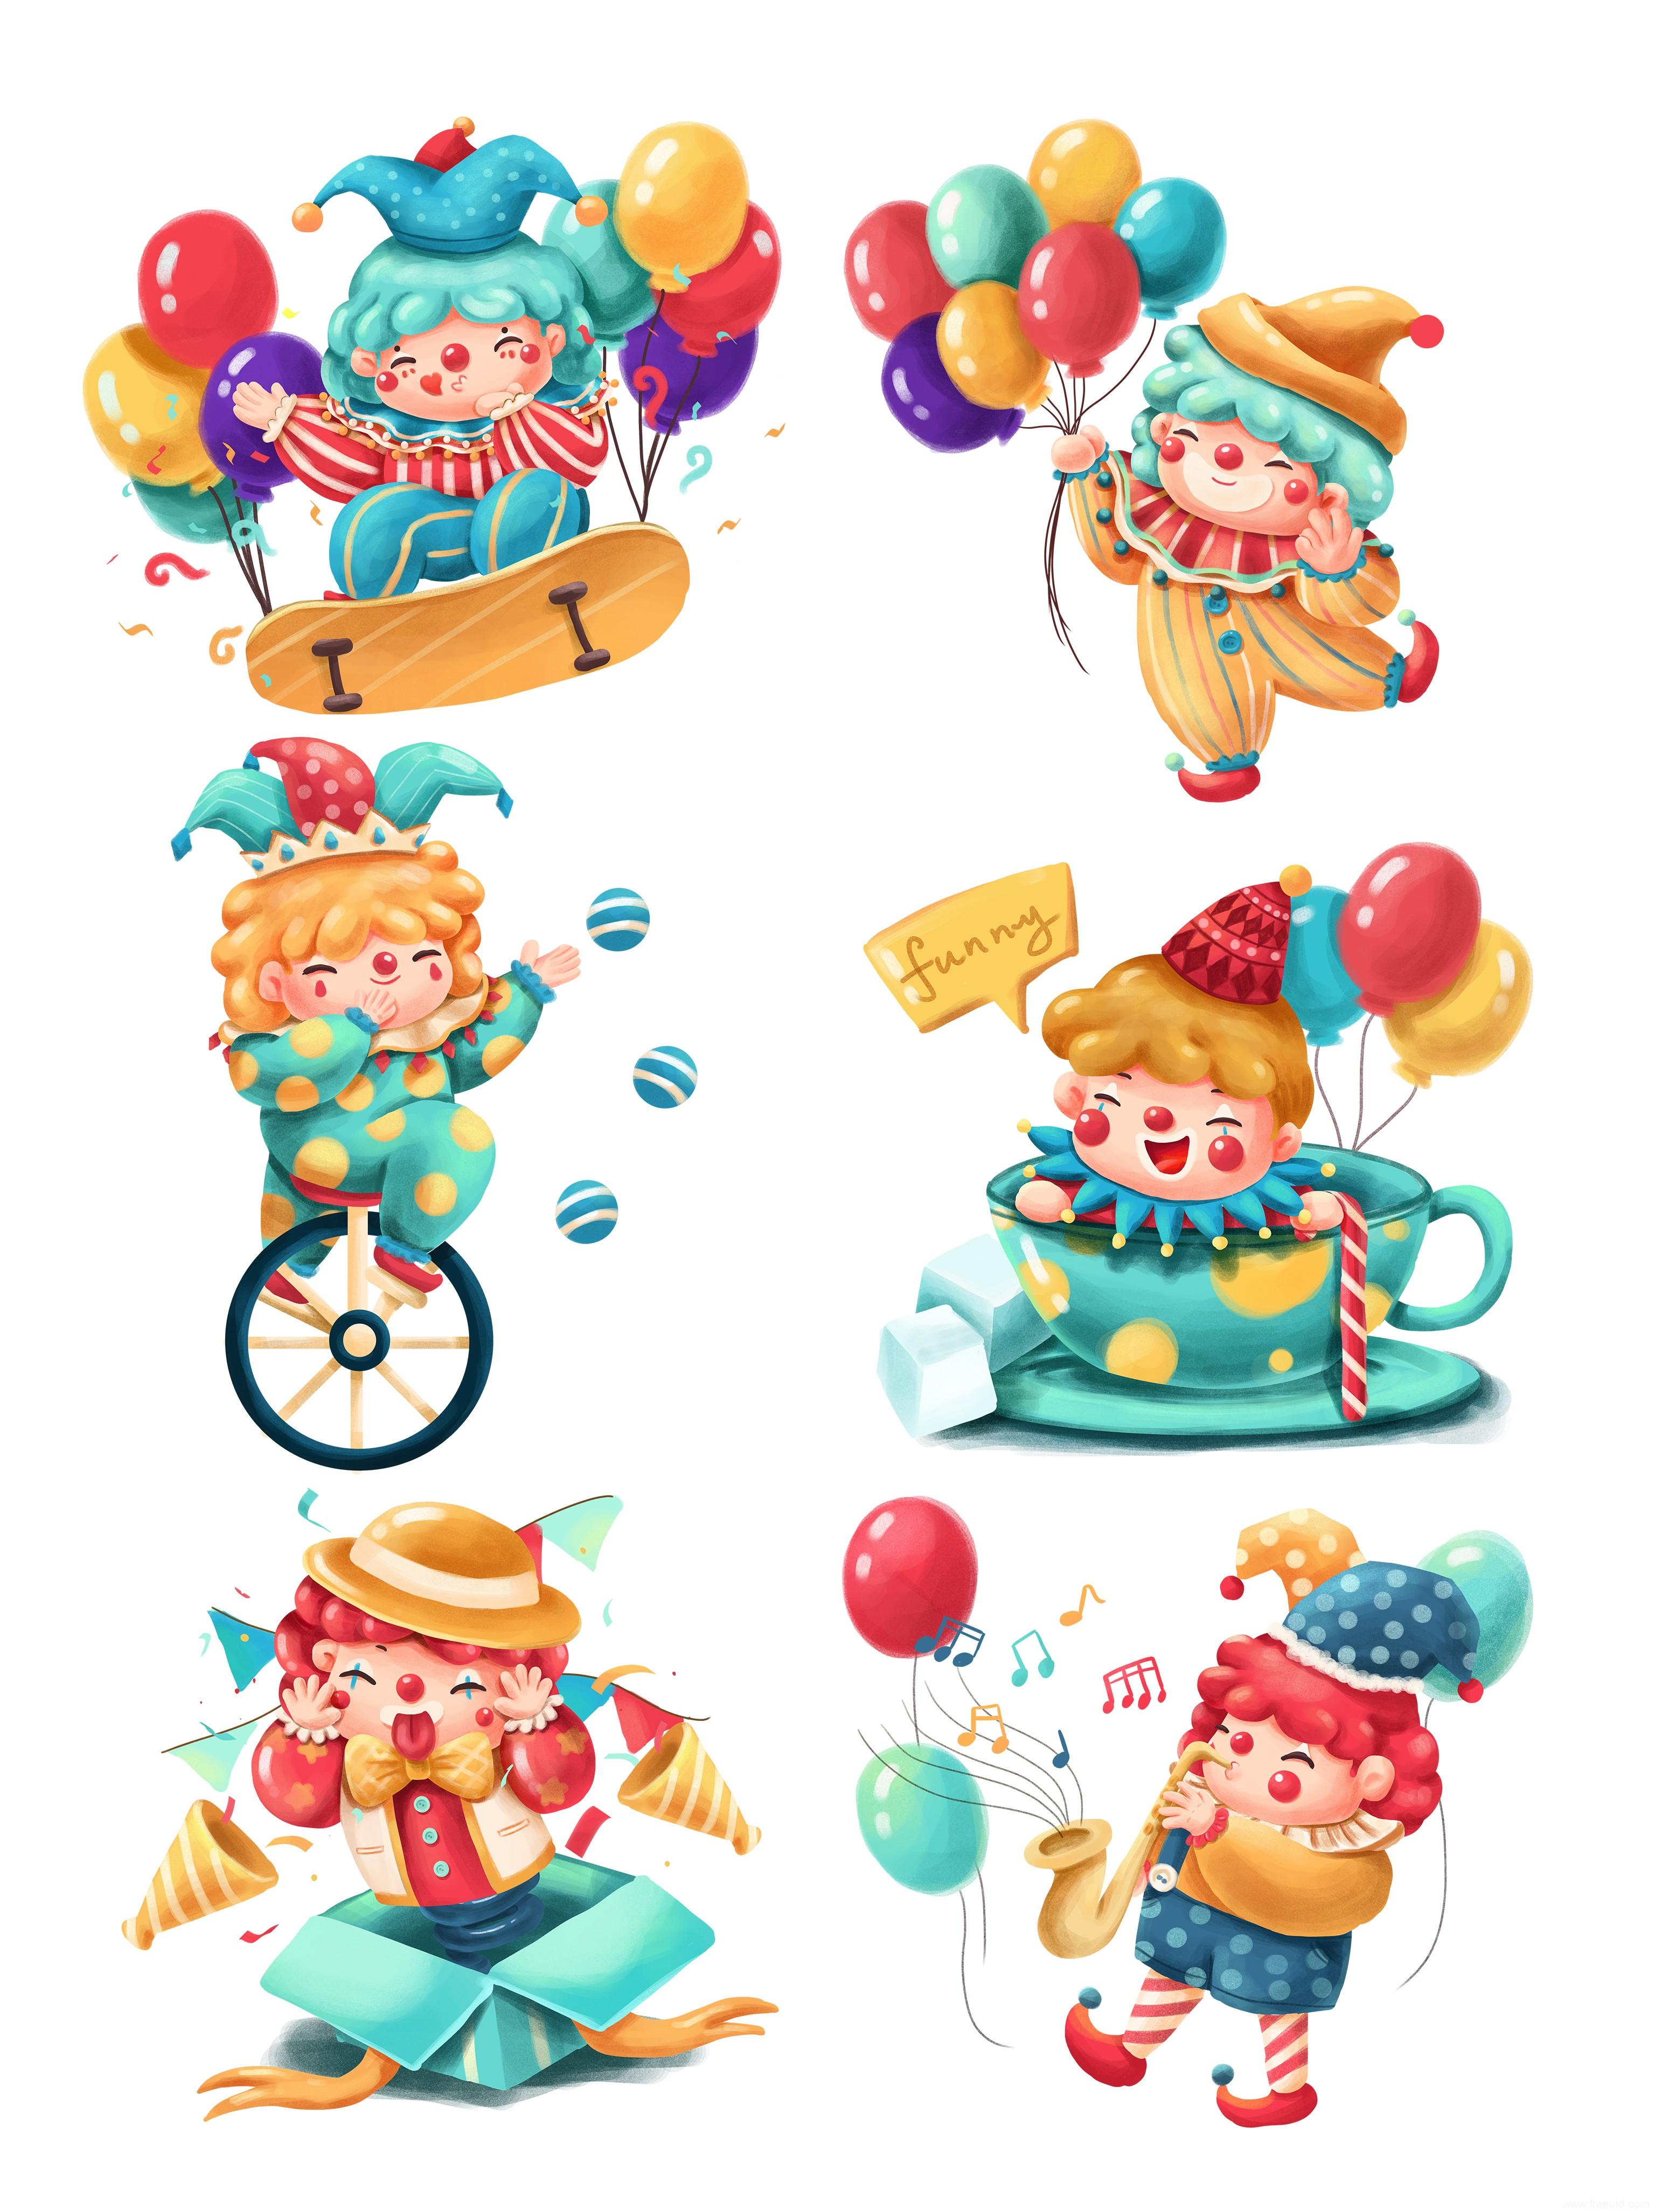 愚人节卡通小丑儿童乐园插画psd源文件下载